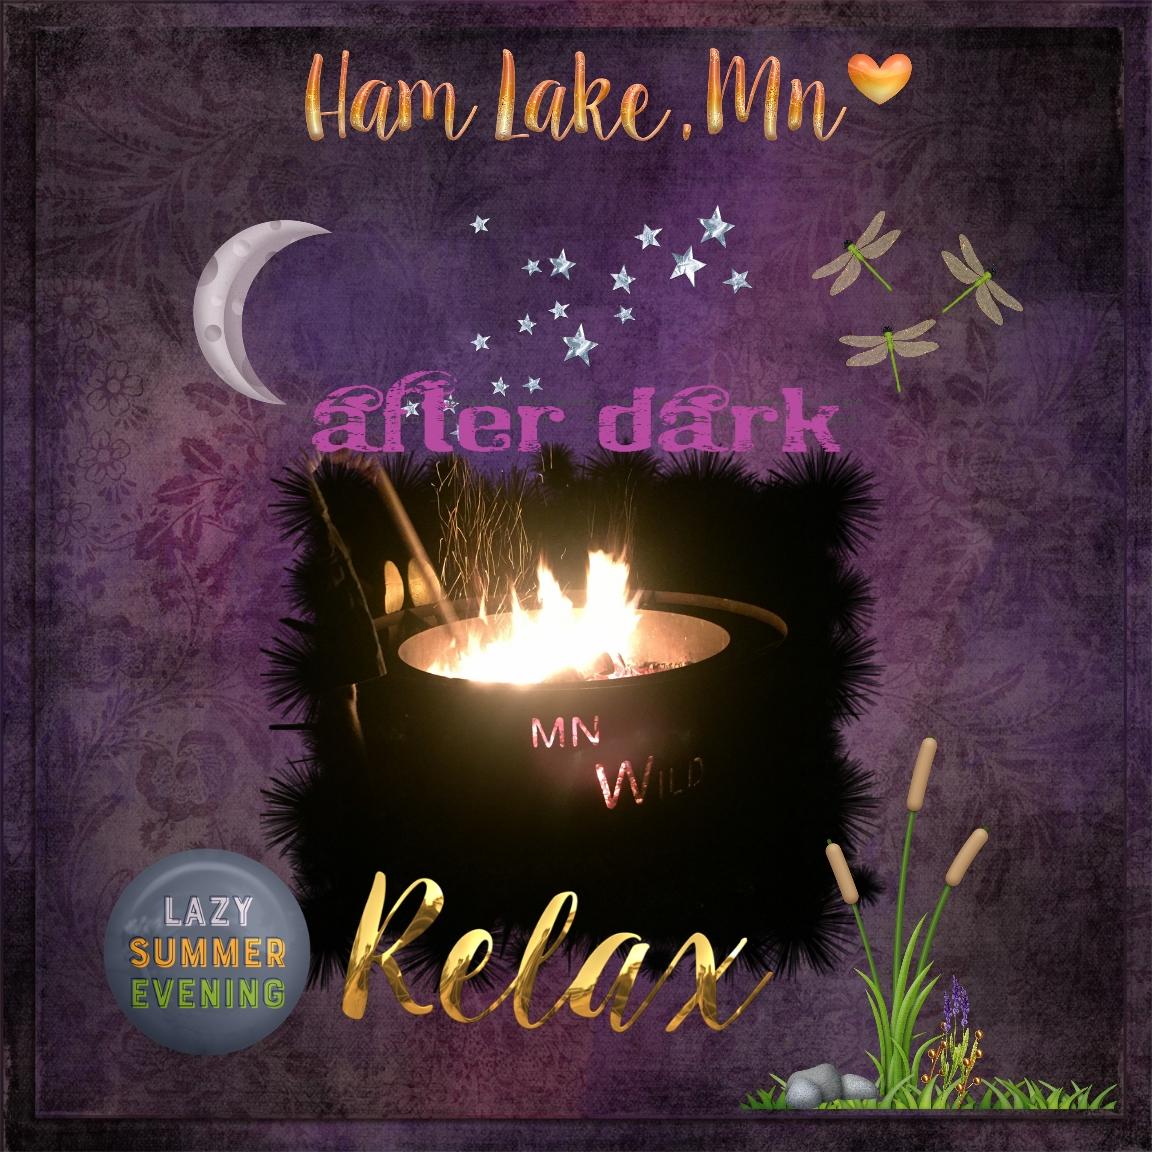 After Dark in Ham Lake.jpg